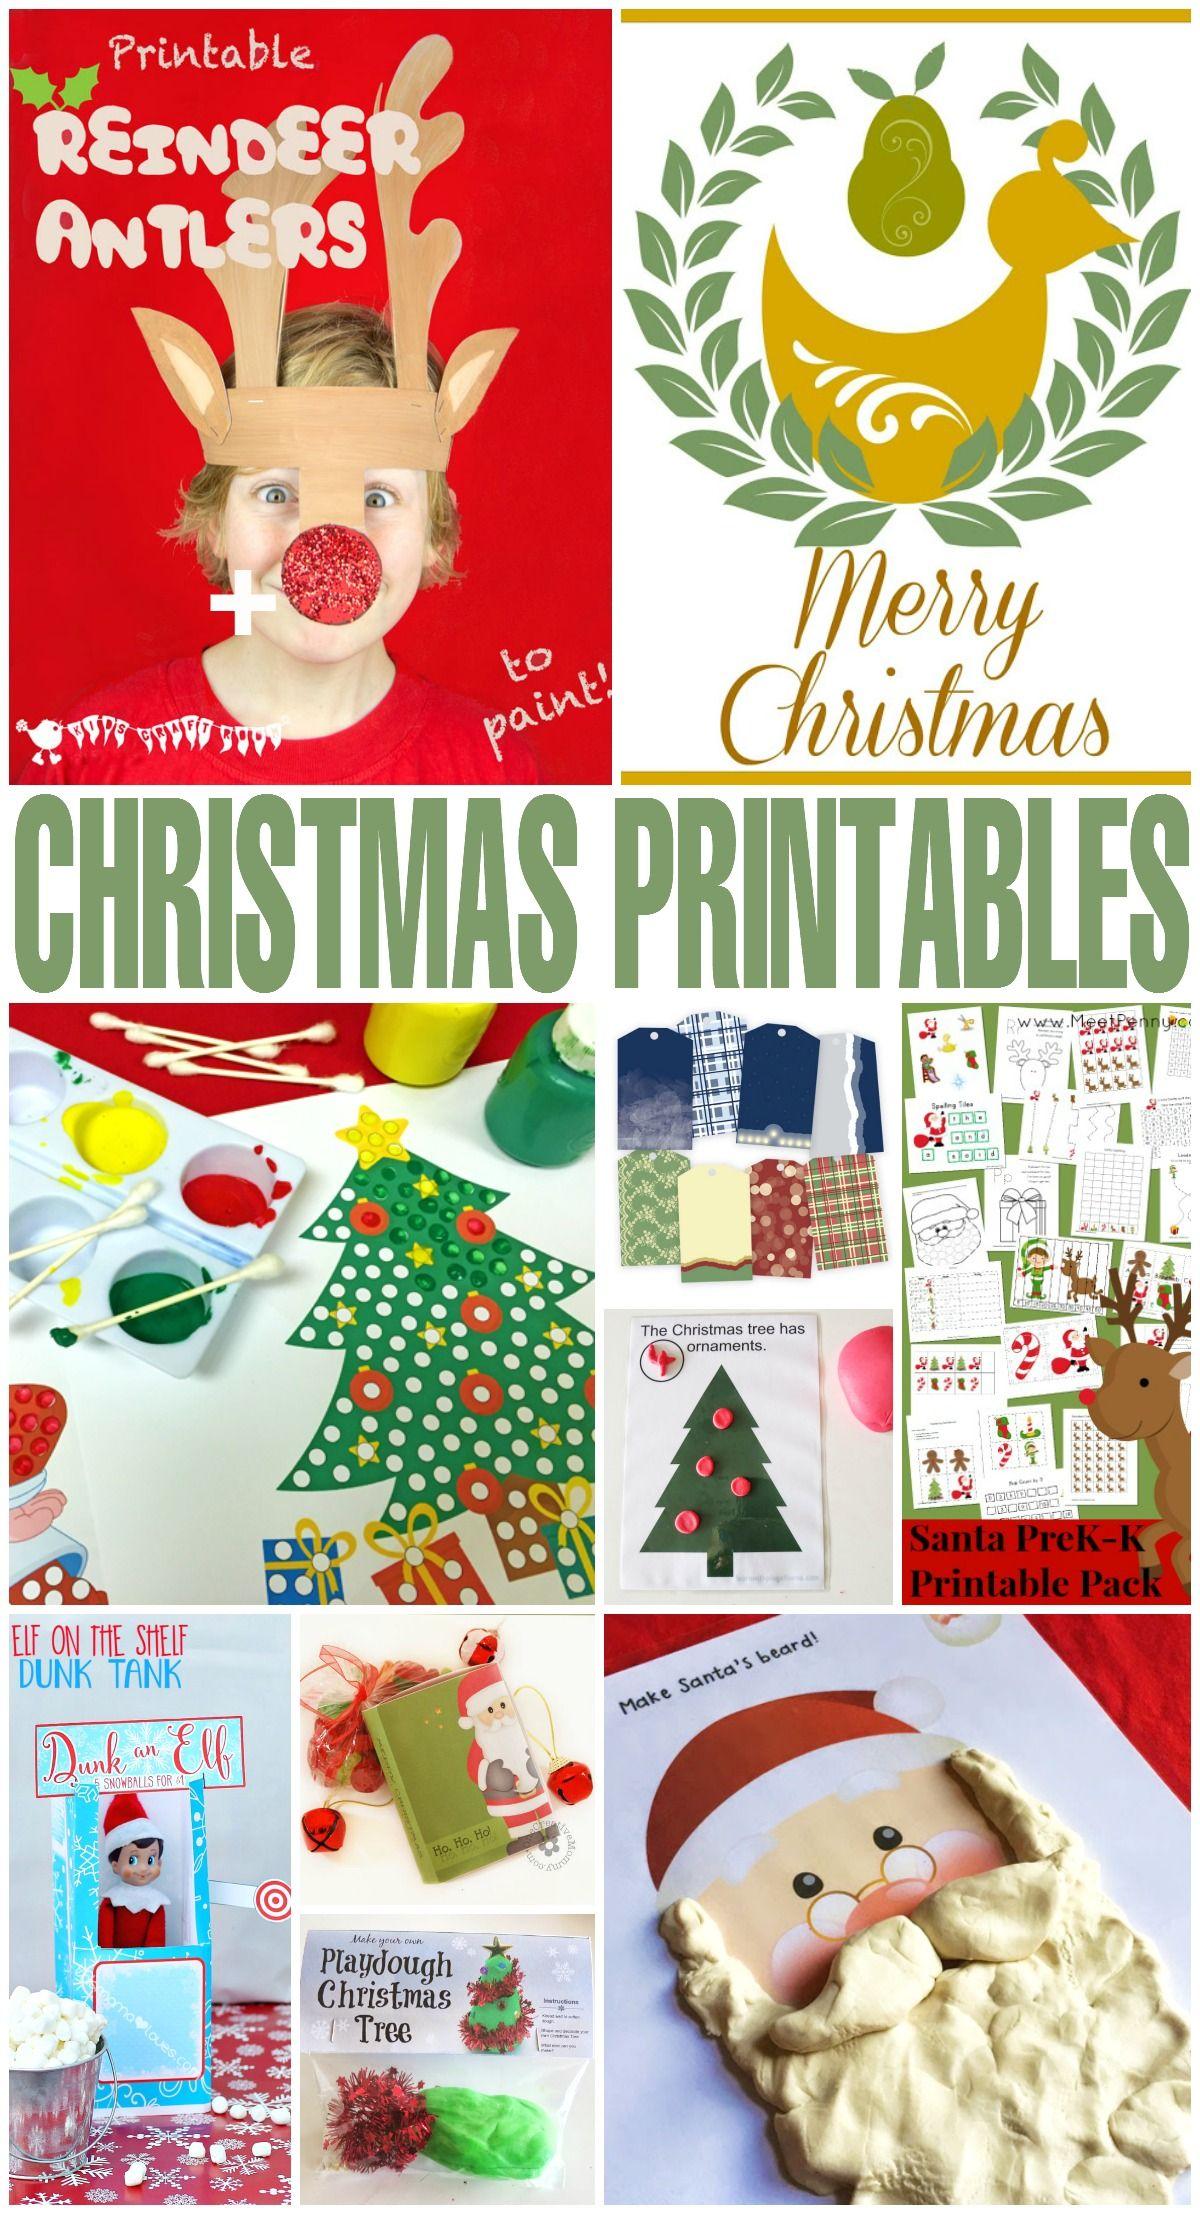 101 Free Christmas Printables